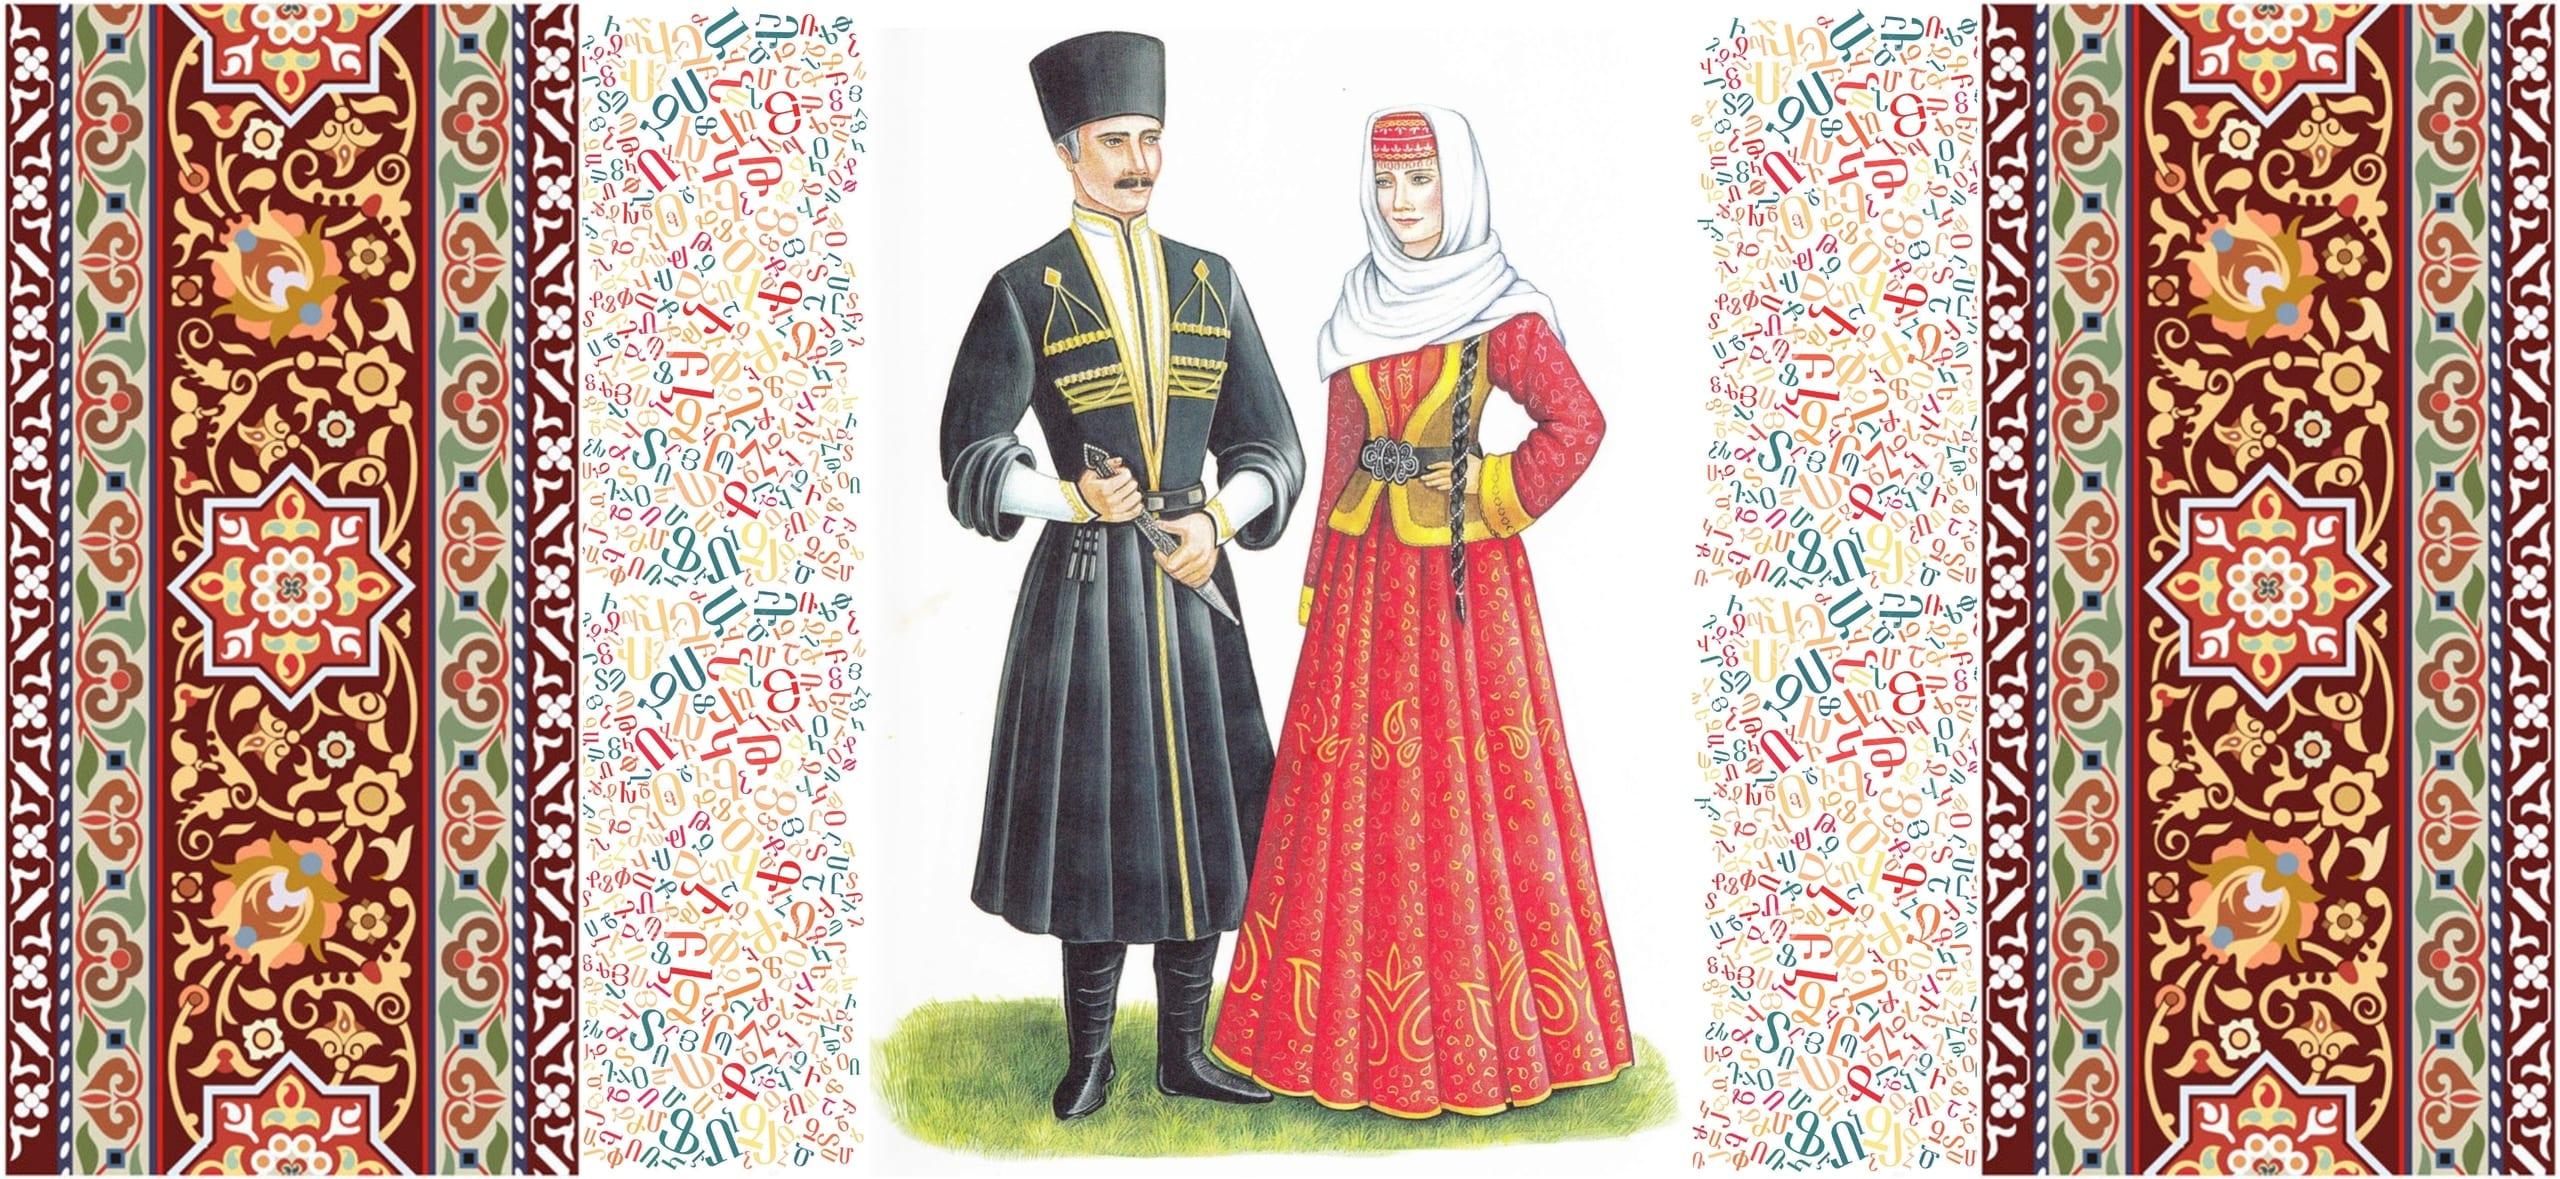 Обложка для теста на знание азербайджанских поговорок